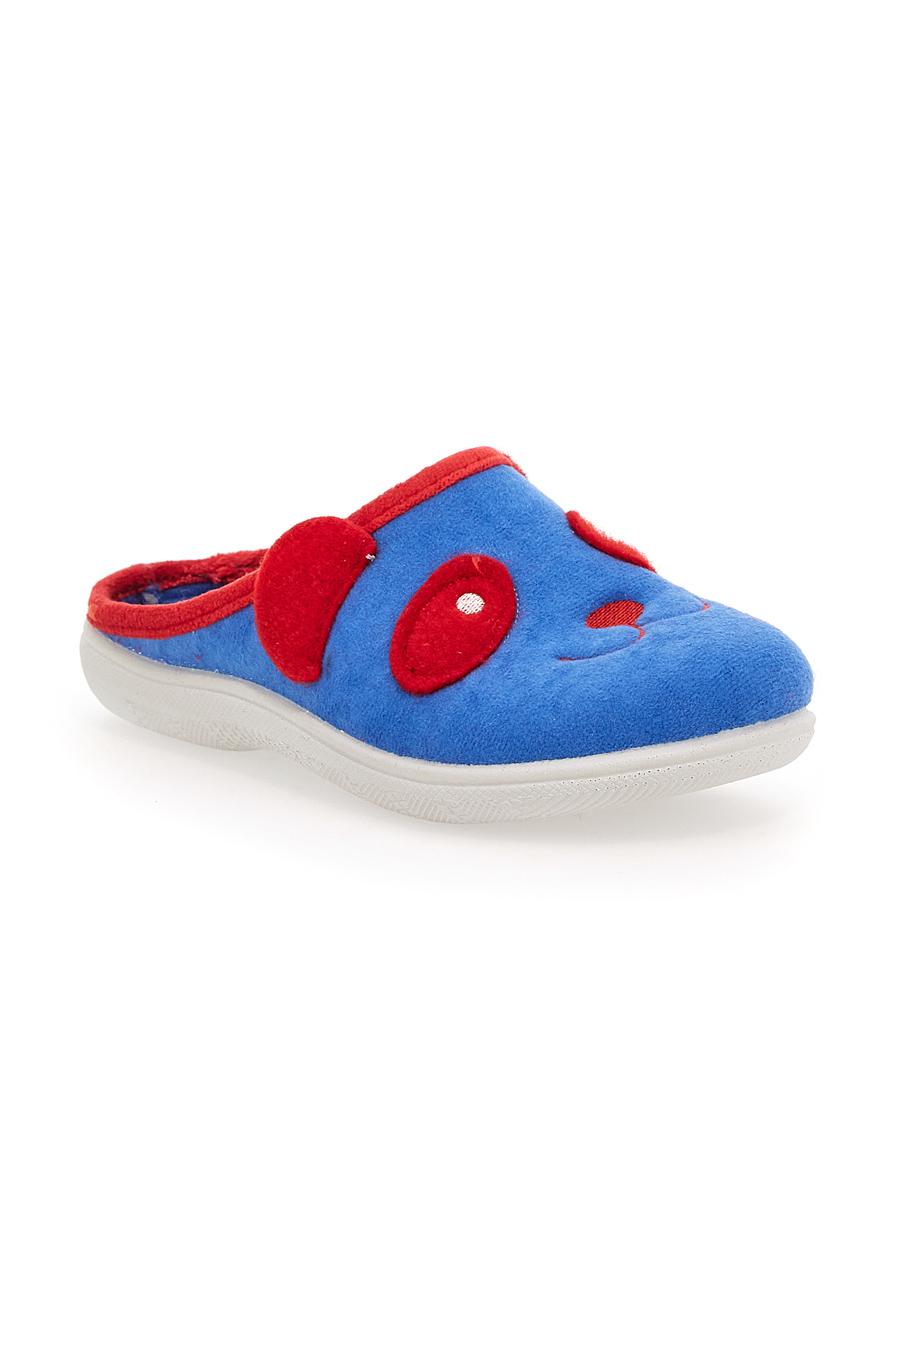 PANTOFOLE bambino blu INBLU 942 B | Pittarello